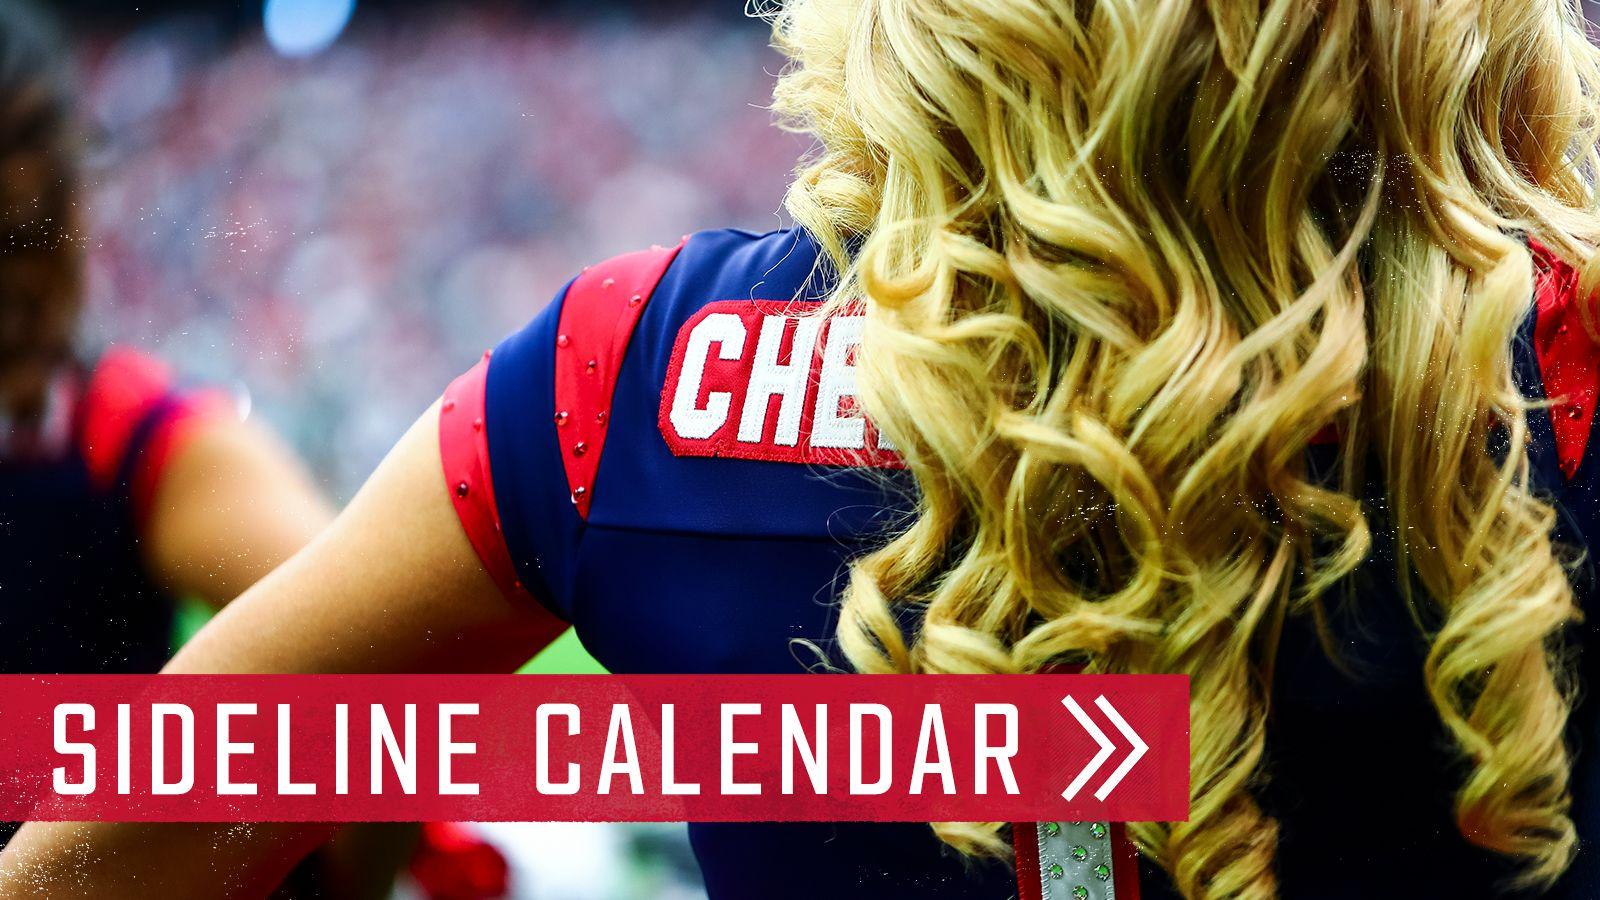 Sideline Calendar